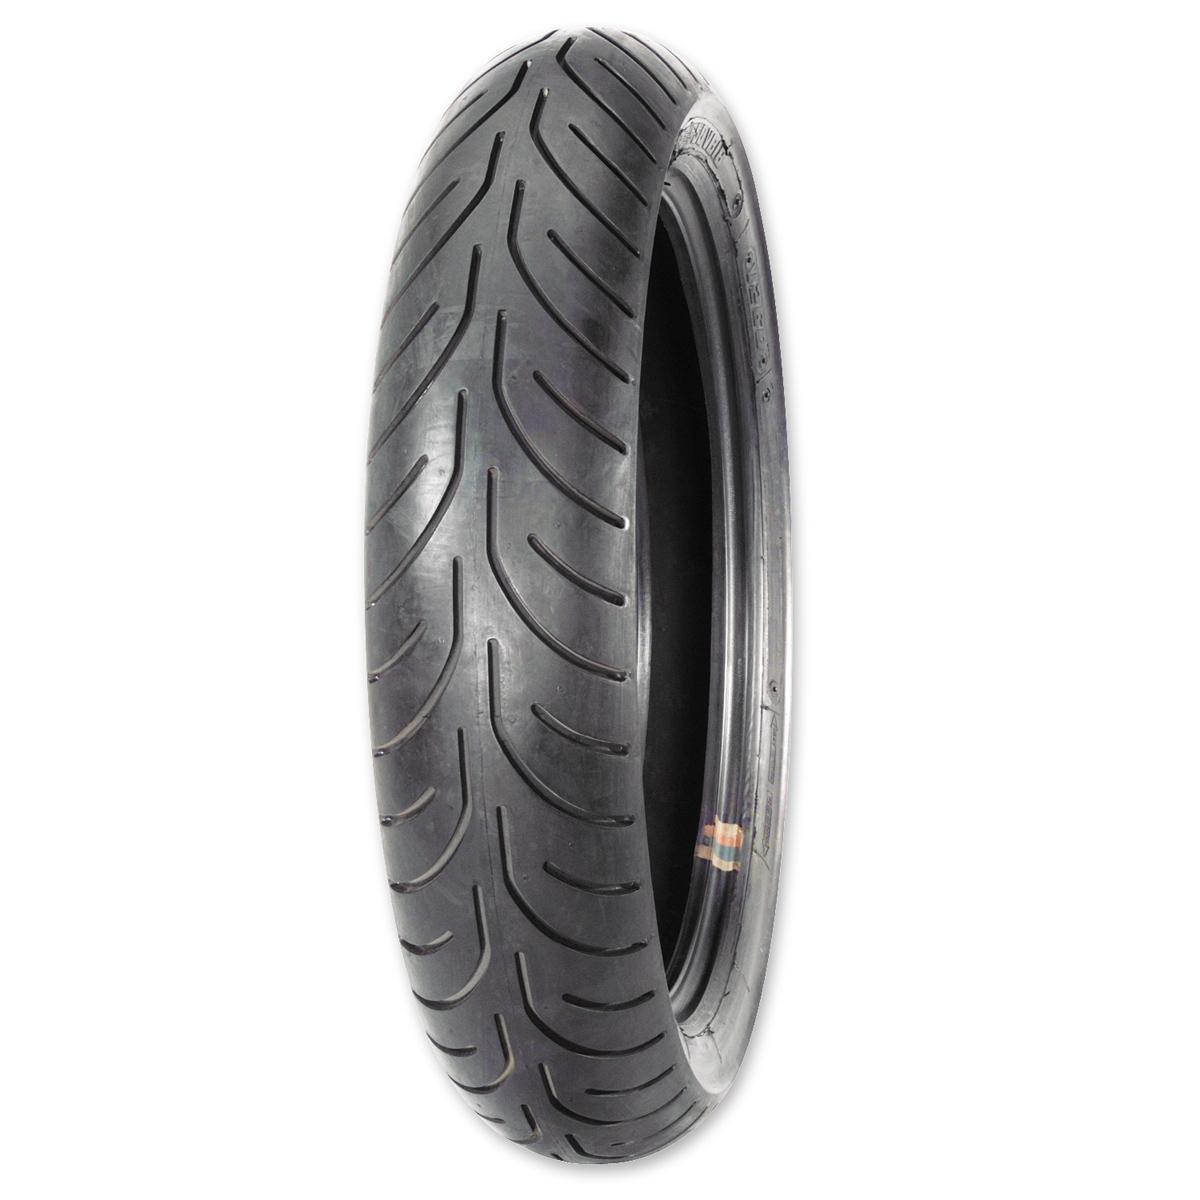 Avon AM23 180/55VB18 Rear Tire